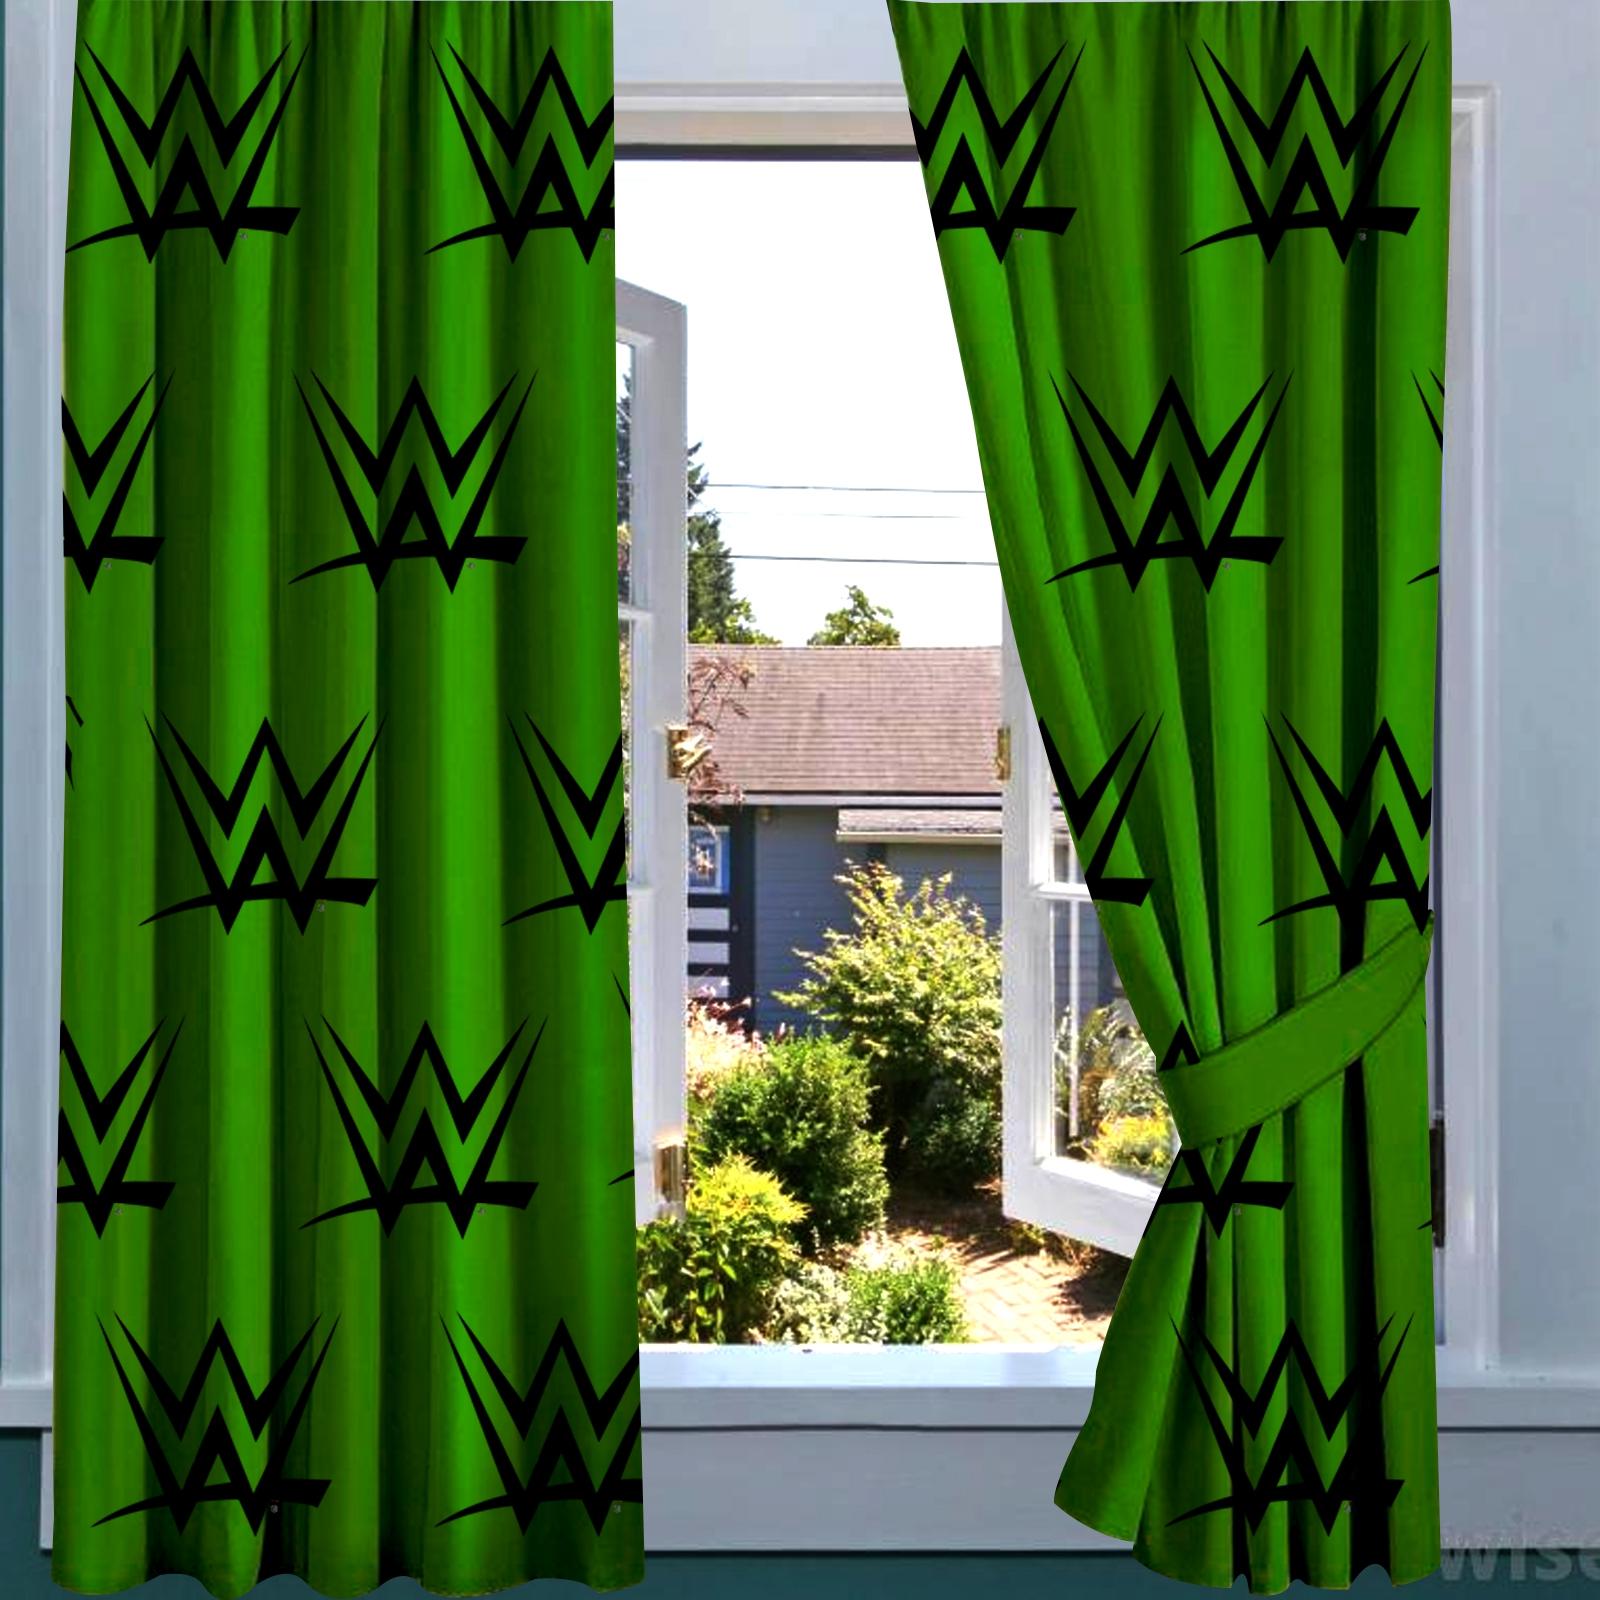 WWE Block 66 X 72 Inch Drop Curtain Pair 5060322093819